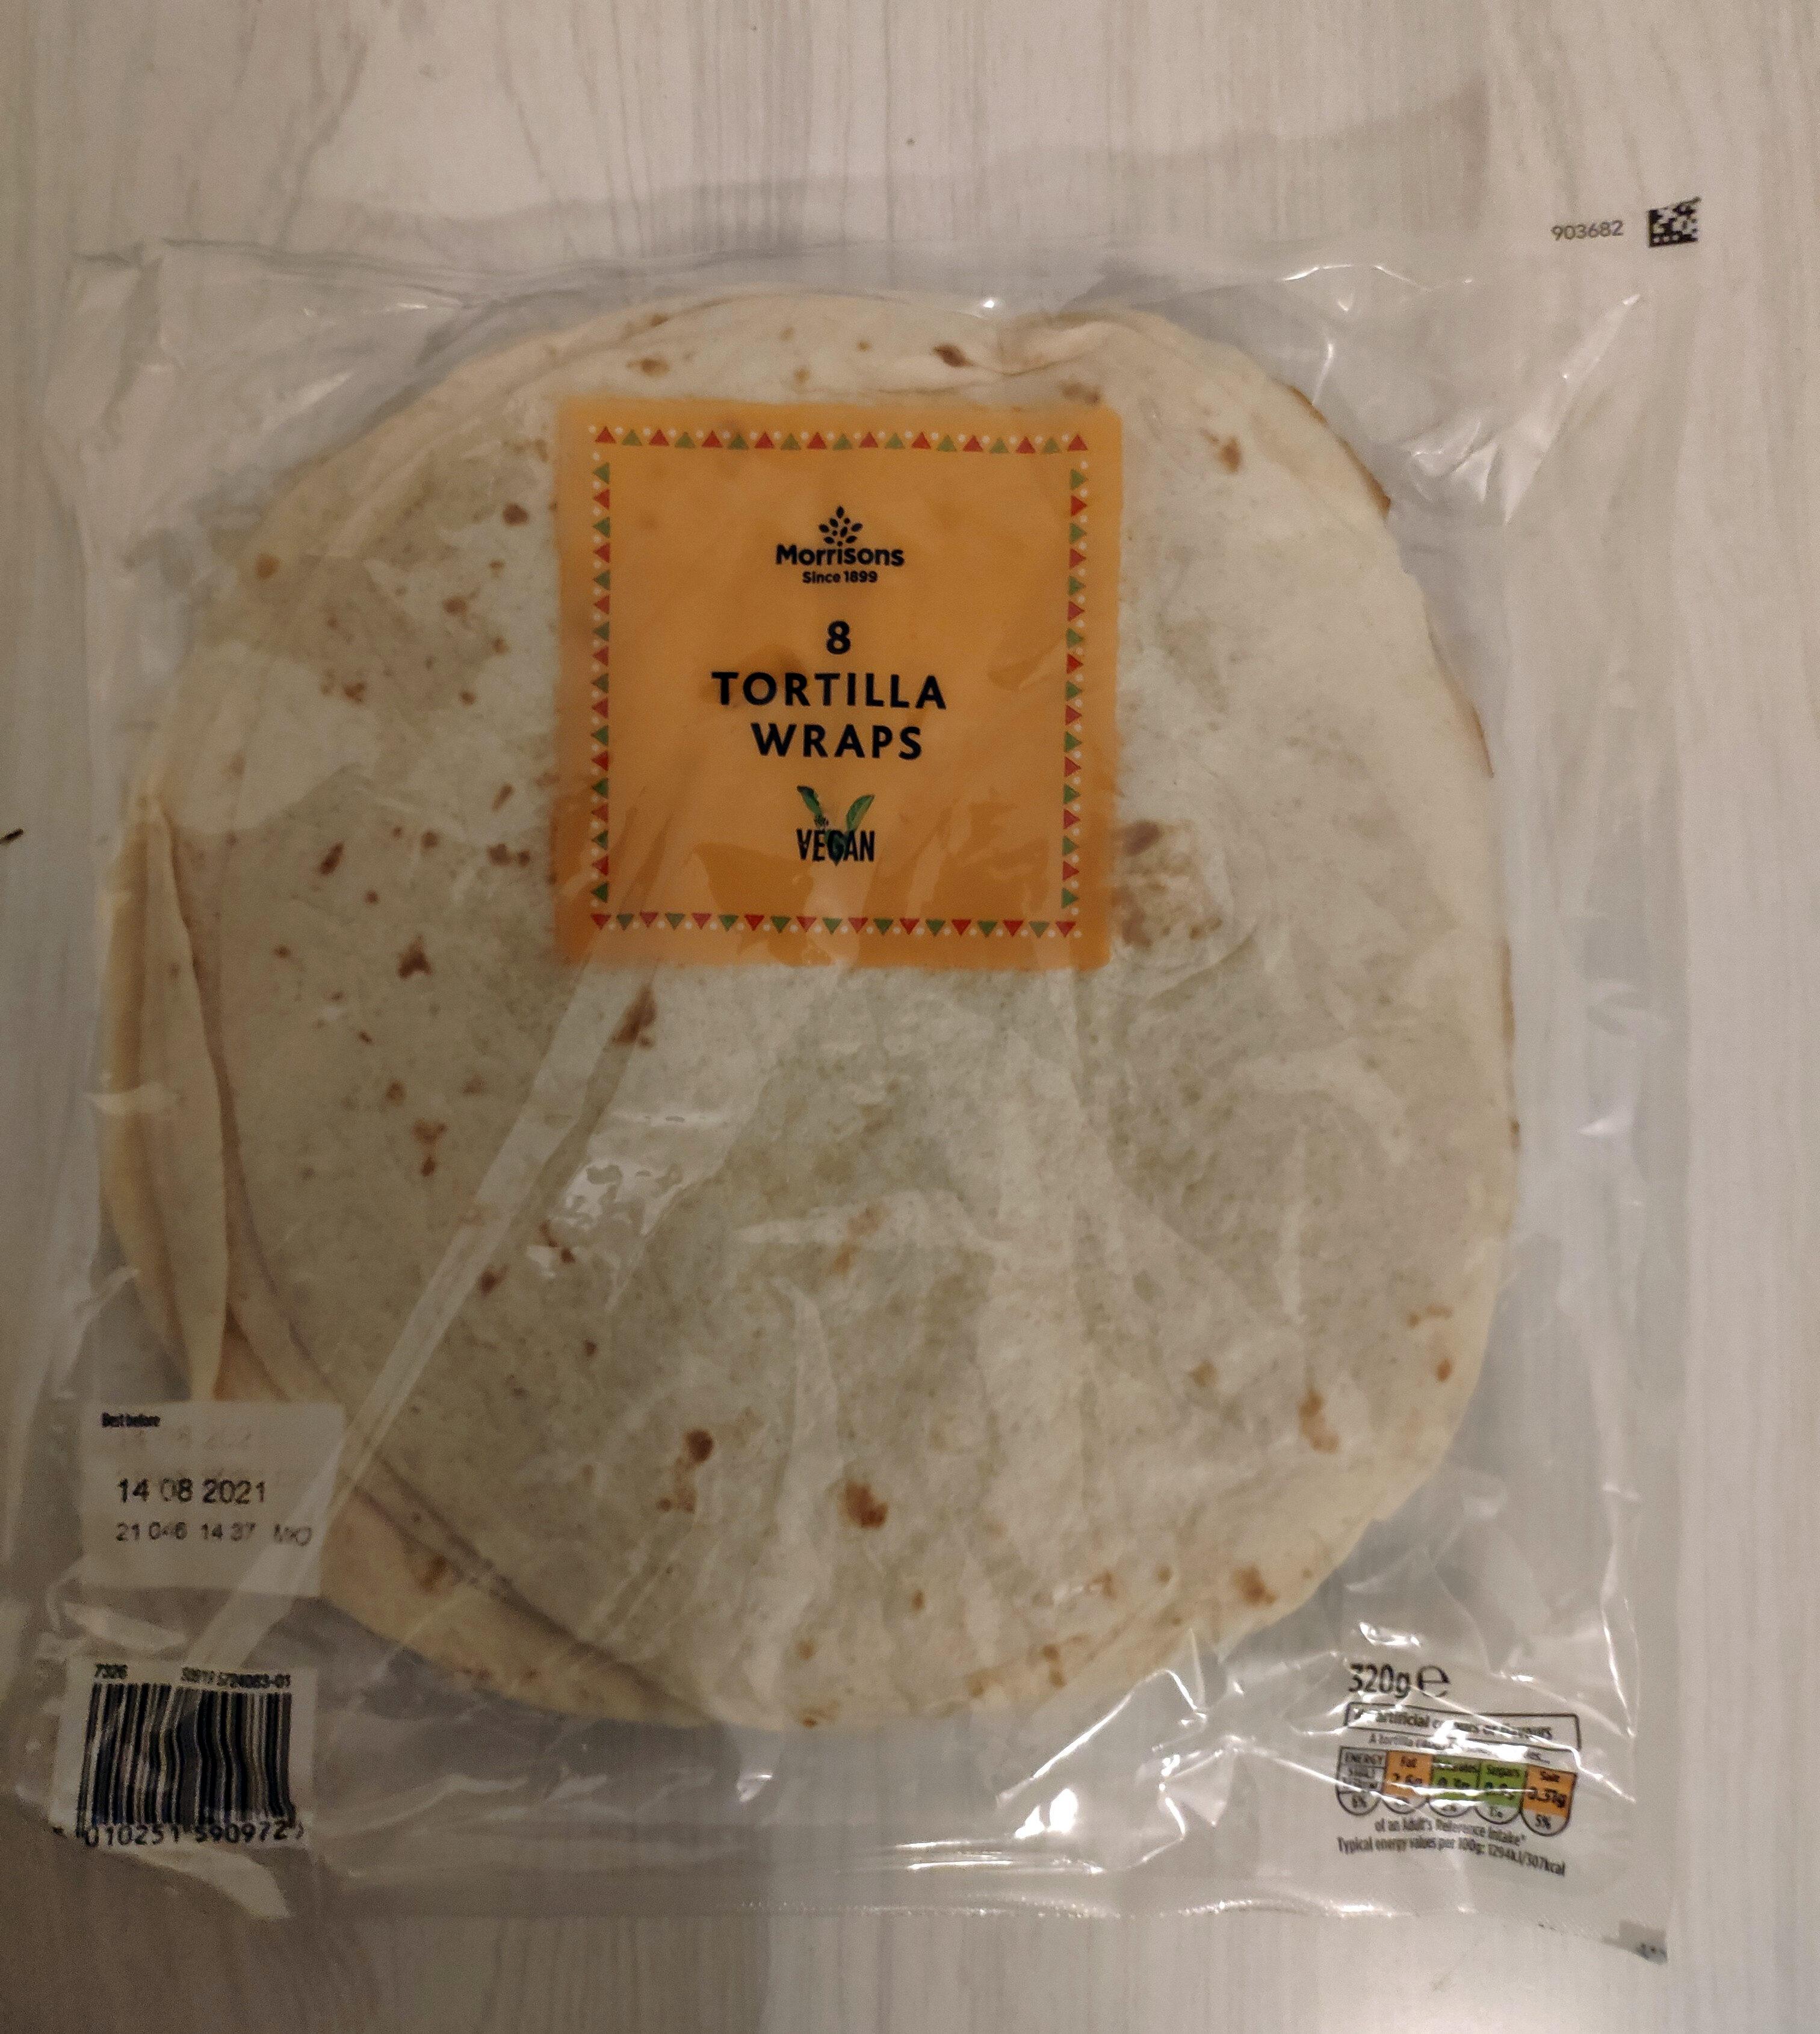 Tortilla Wraps - Prodotto - en